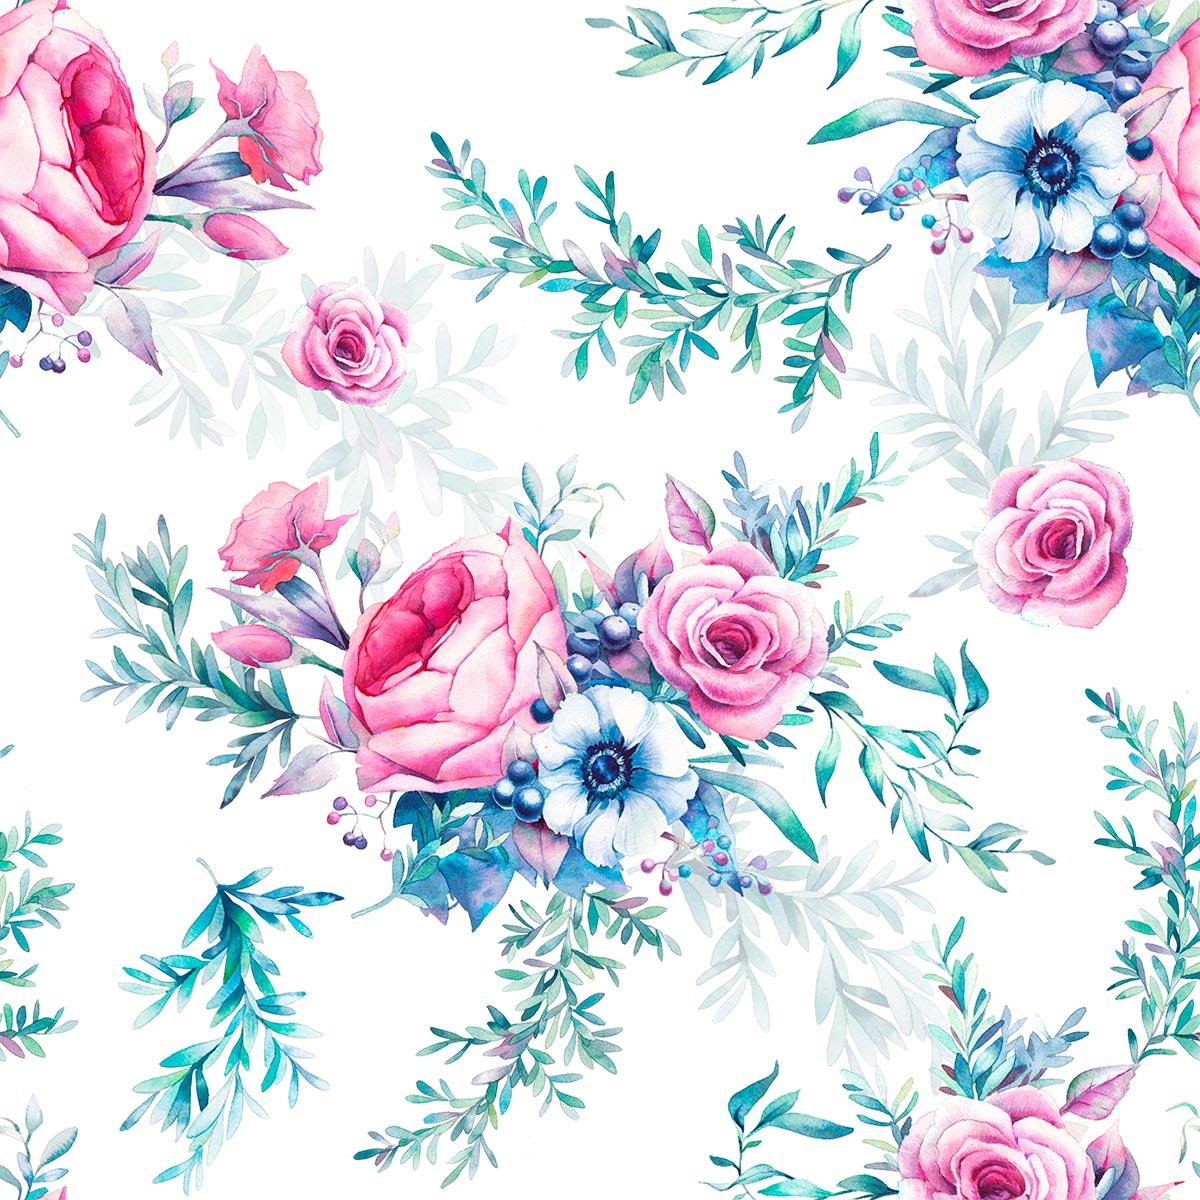 Papel de Parede Flores Rosas Galhos Folhas Buquê Adesivo